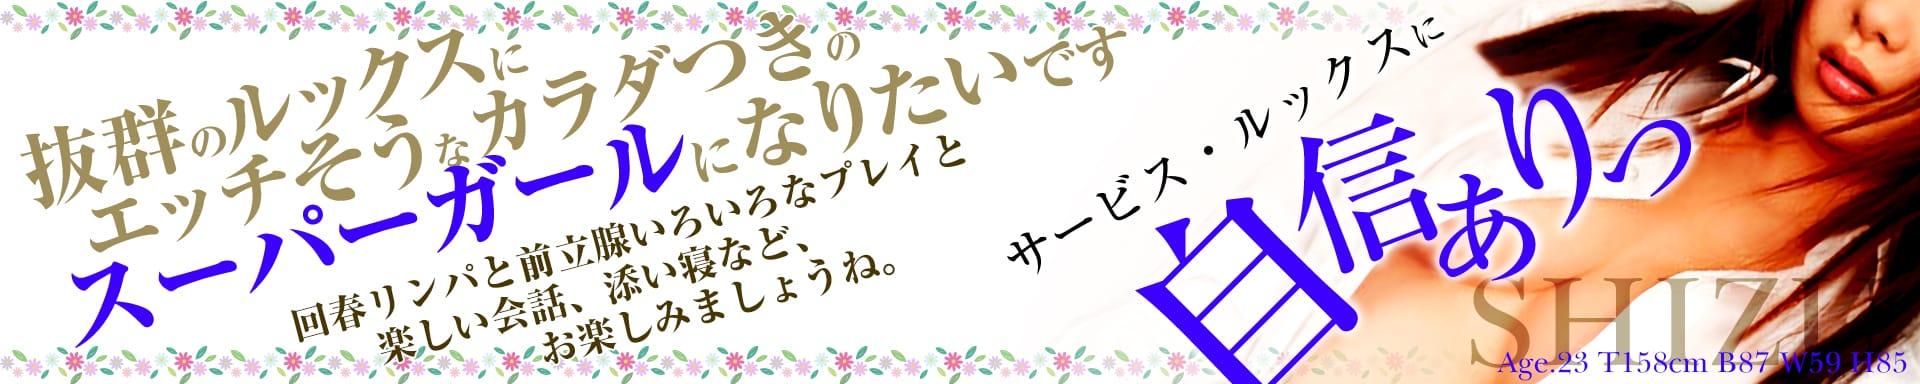 激安手コキ回春エステ~めちゃいちゃ~ その2